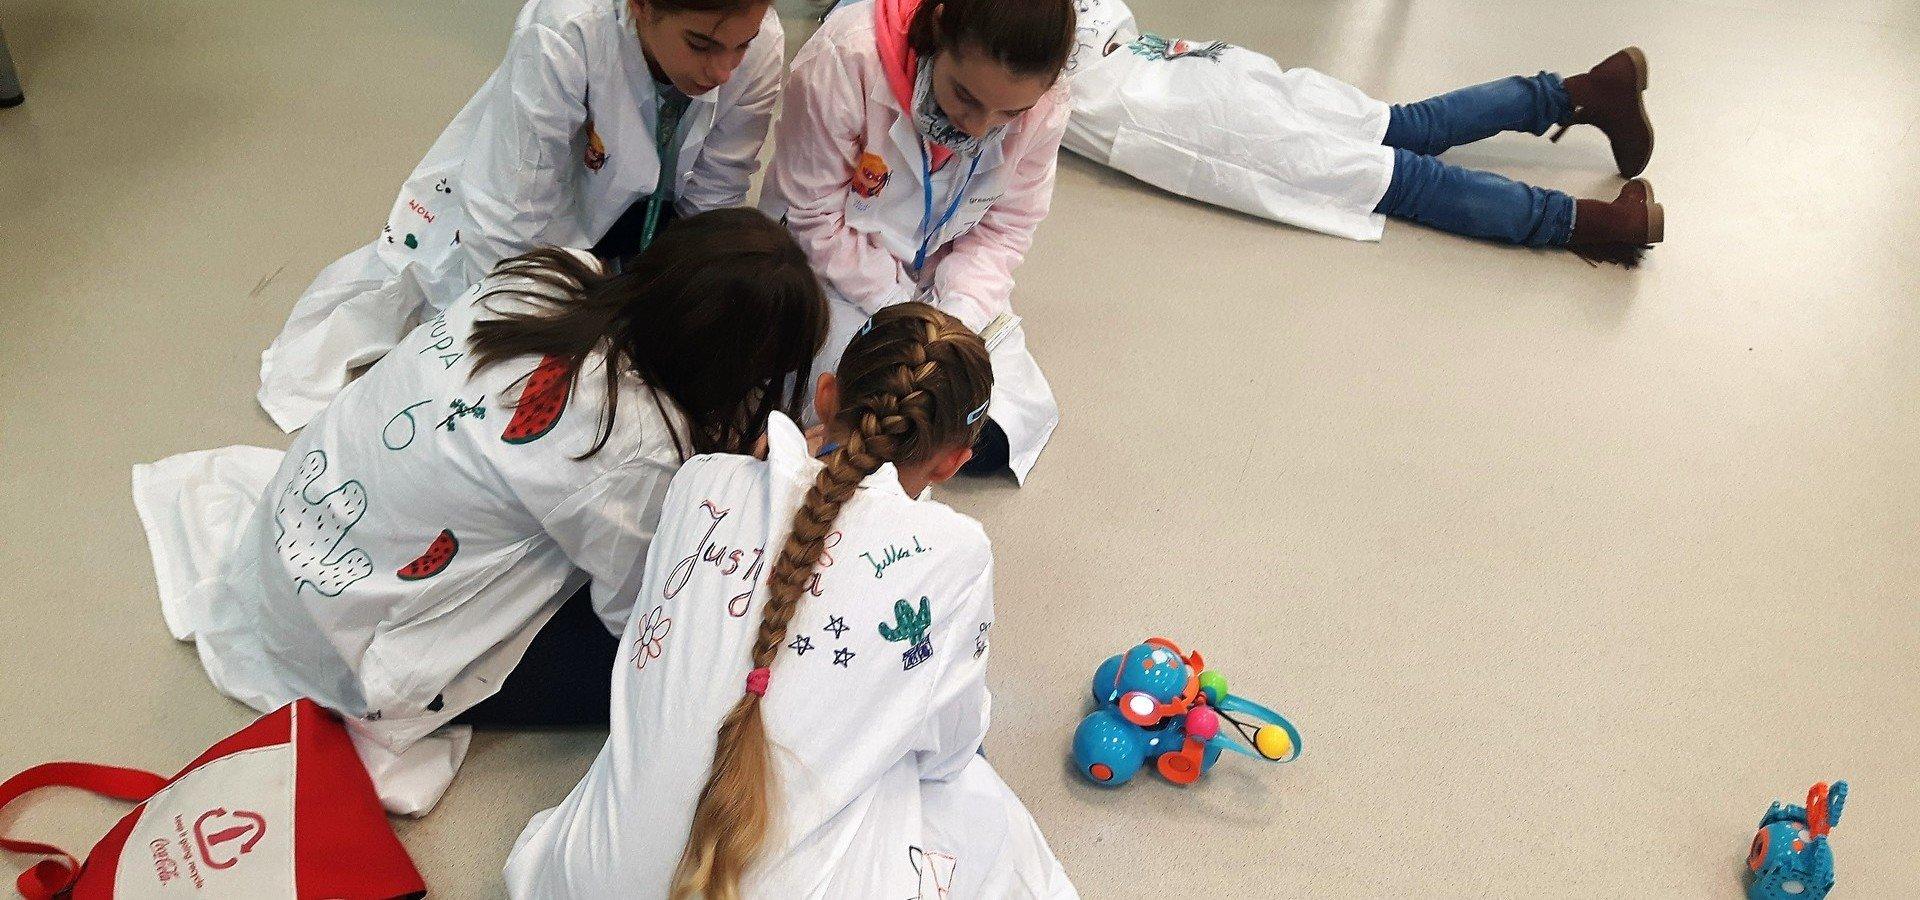 Zielone światło dla dziewcząt w świecie technologii. W Krakowie odbyła się trzecia edycja Greenlight for Girls Day.